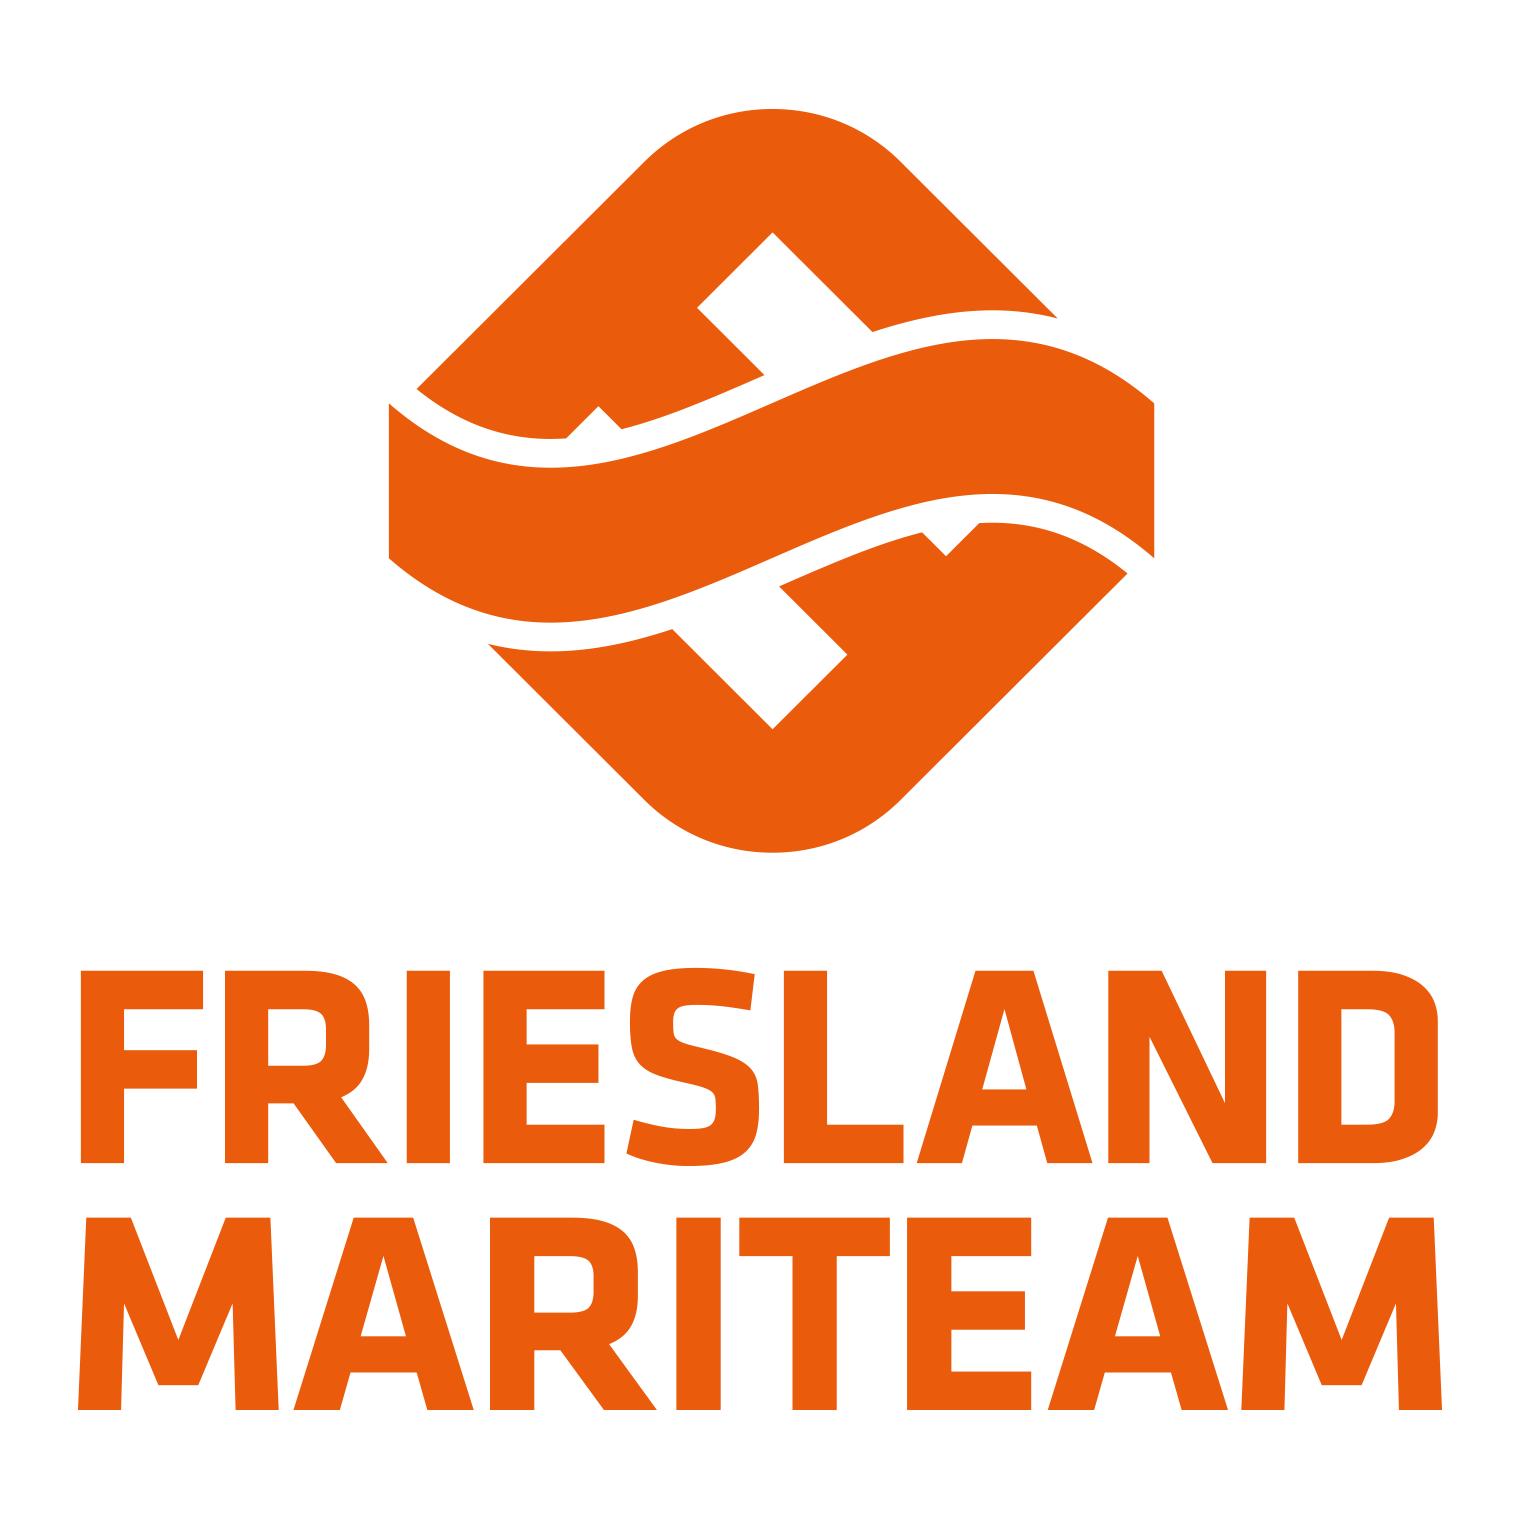 Friesland Mariteam